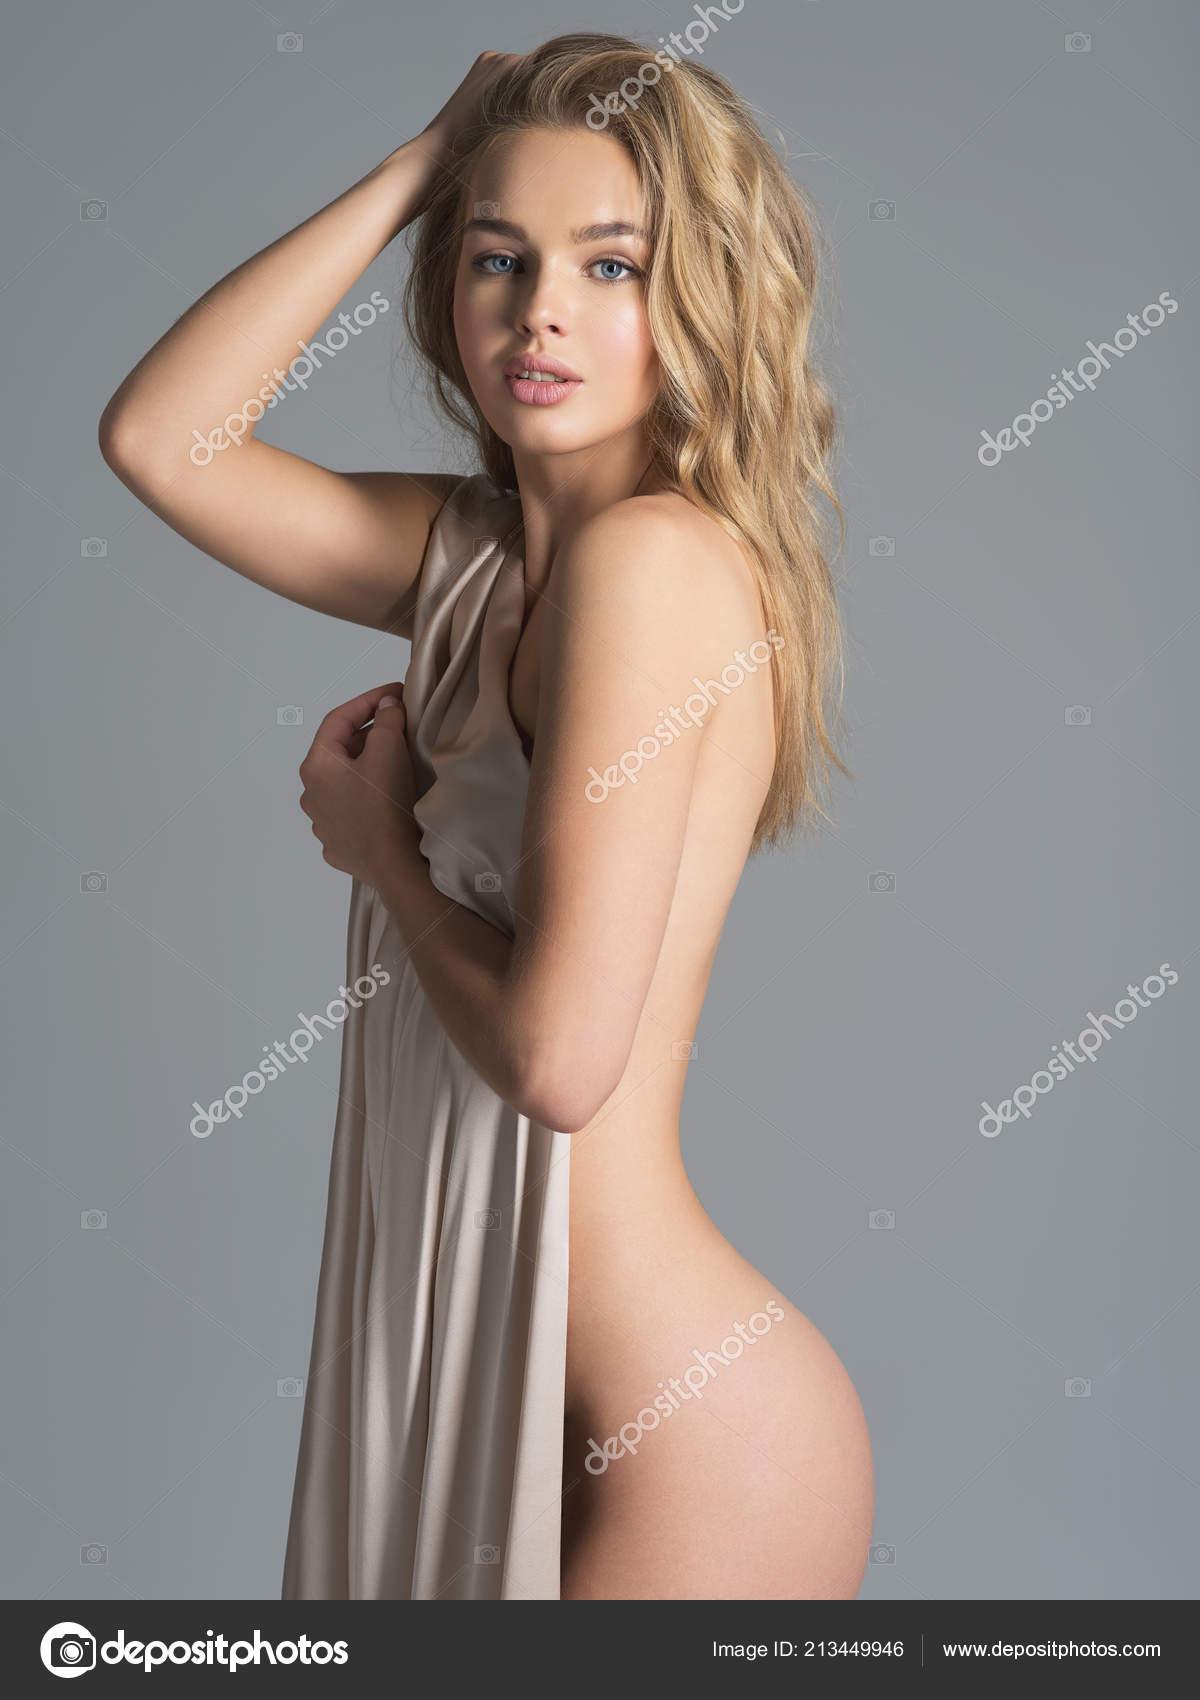 γυμνές φωτογραφίες των όμορφα κορίτσια